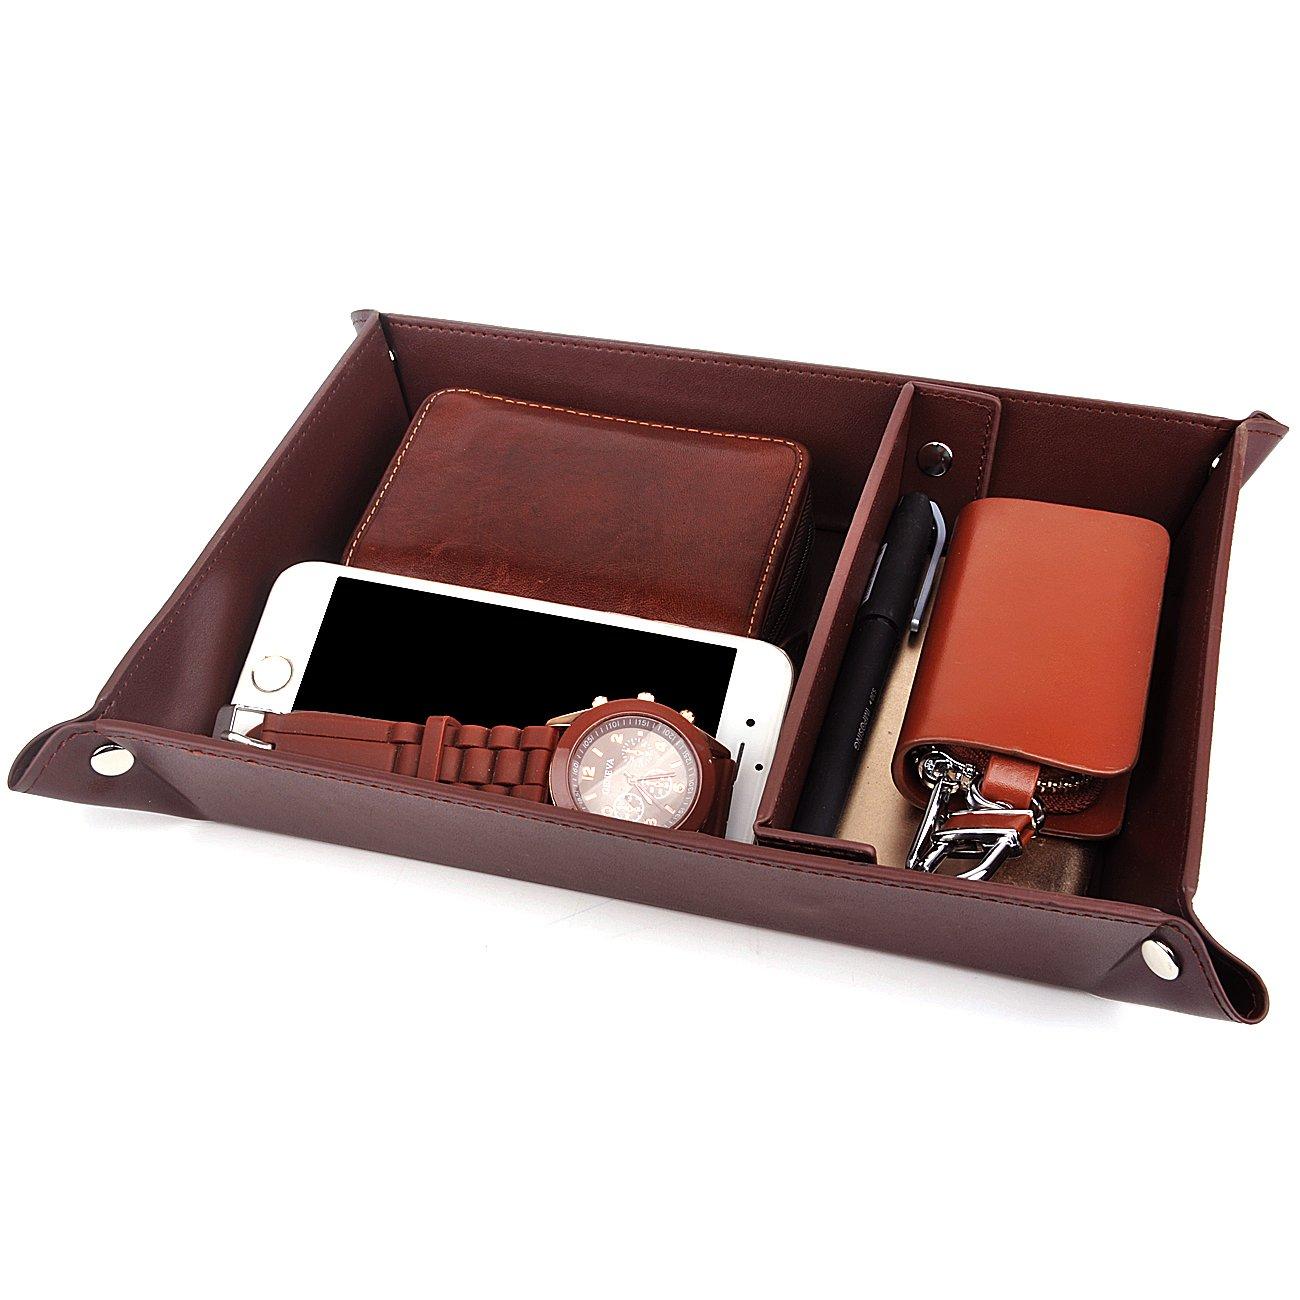 3-Düzen | Eve her girdiğinizde anahtar gibi mühim eşyalarınızı bir arada ve aynı yere koyma alışkanlığı edinin.